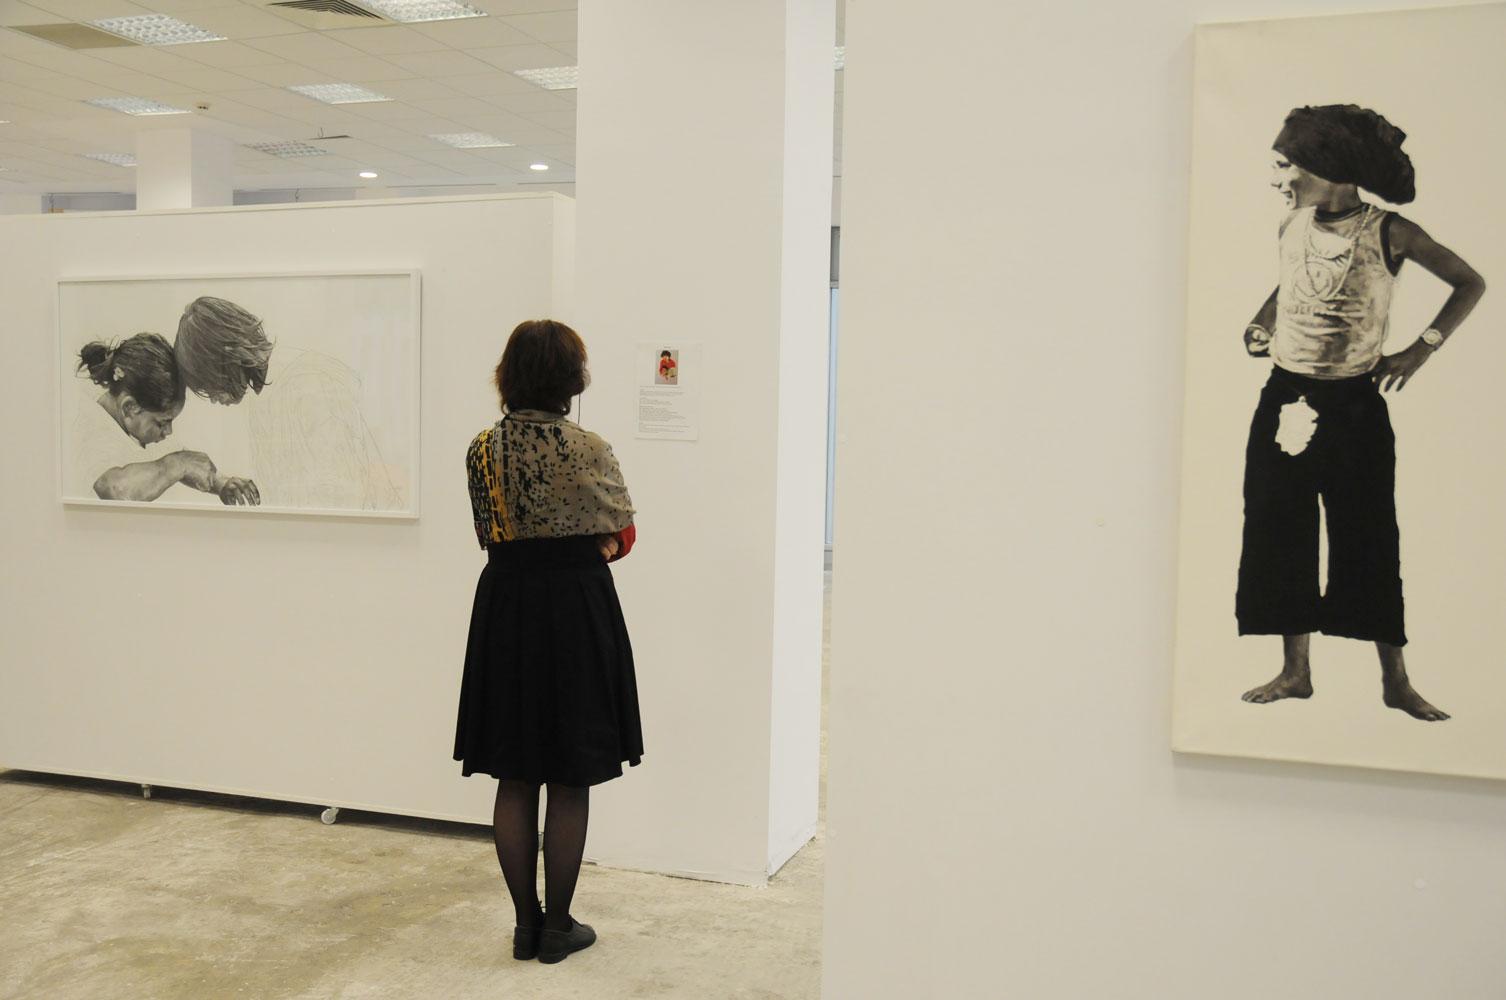 Daniel Brici, solo show Copiii care nu se vad @ Nasui collection & gallery Bucuresti (5)